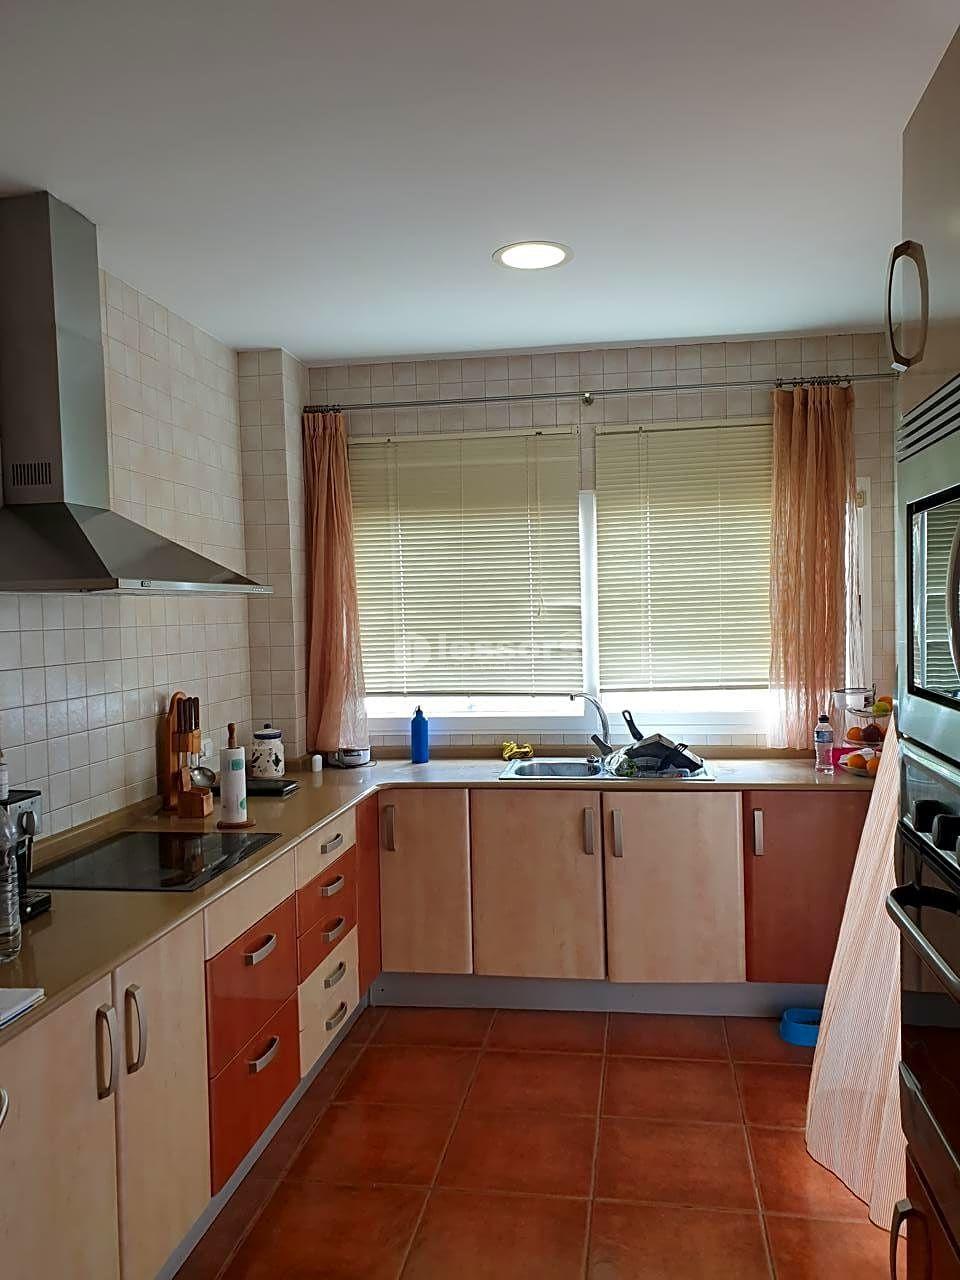 Casa a Quartell. Bonita casa de 190 m2 en la localidad de quart de les valls.